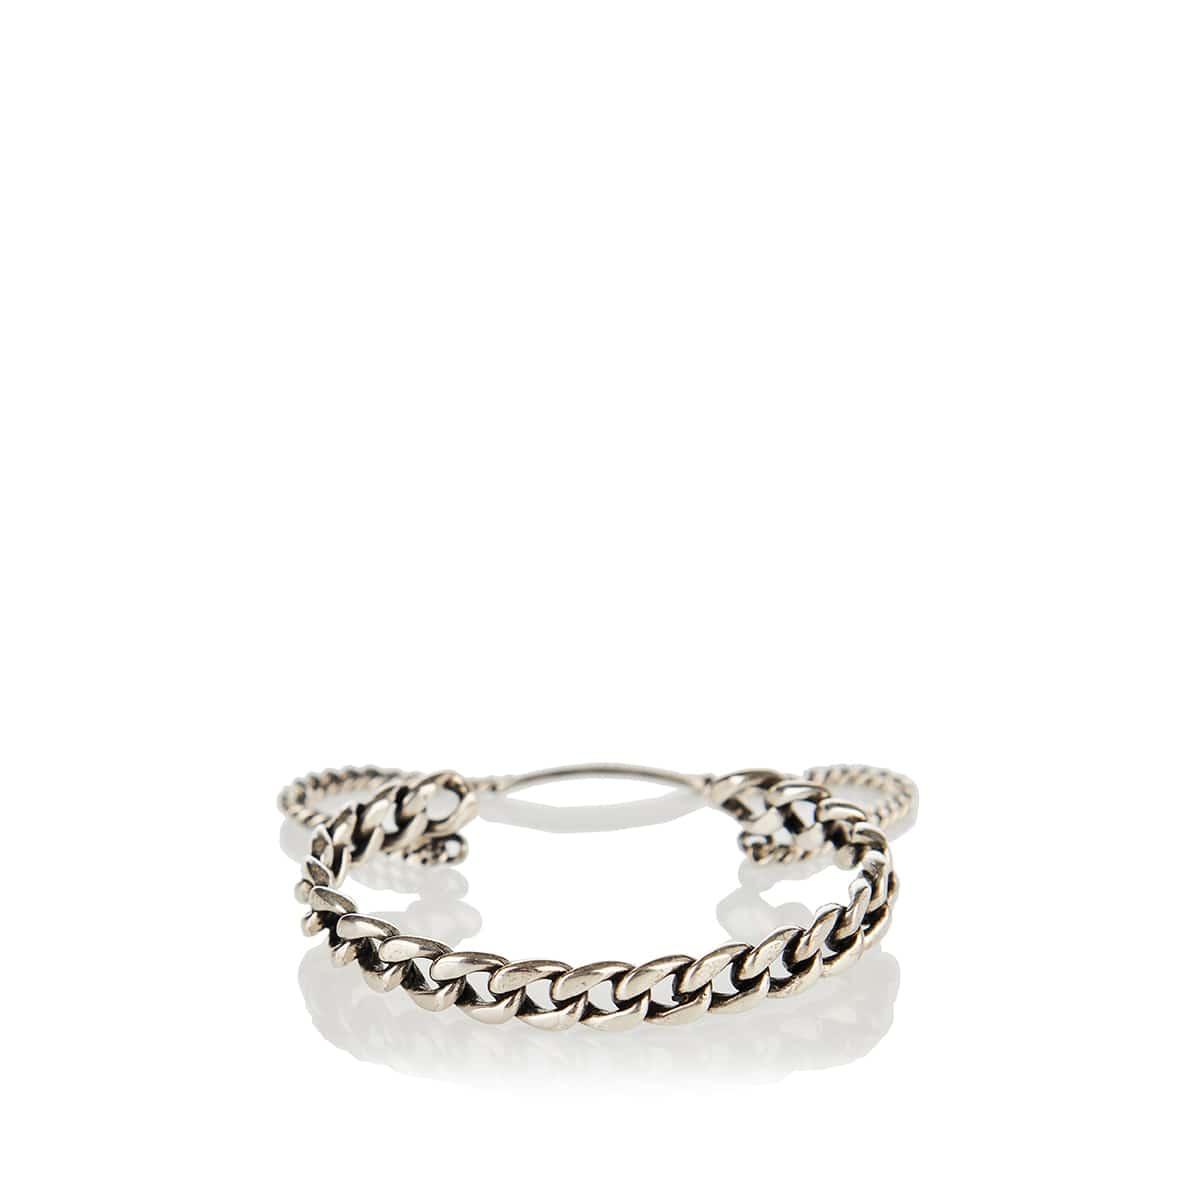 Double chain wrist cuff